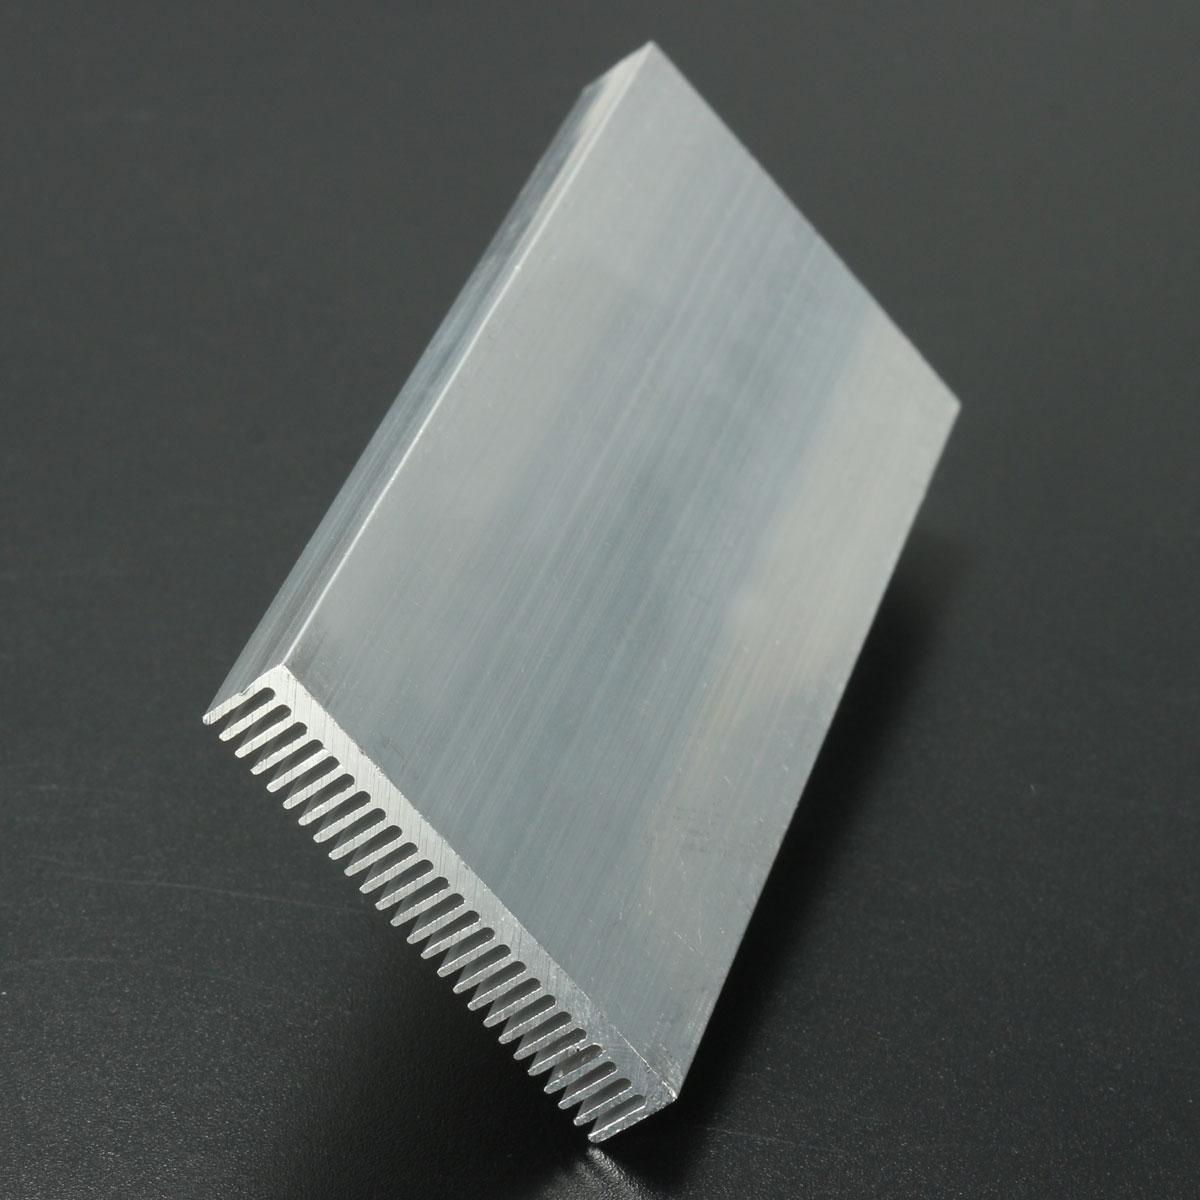 5pcs 100x41x8mm алюминиевый радиатор радиатора радиатора для высокой мощности LED Усилитель Охлаждение транзистора - фото 7